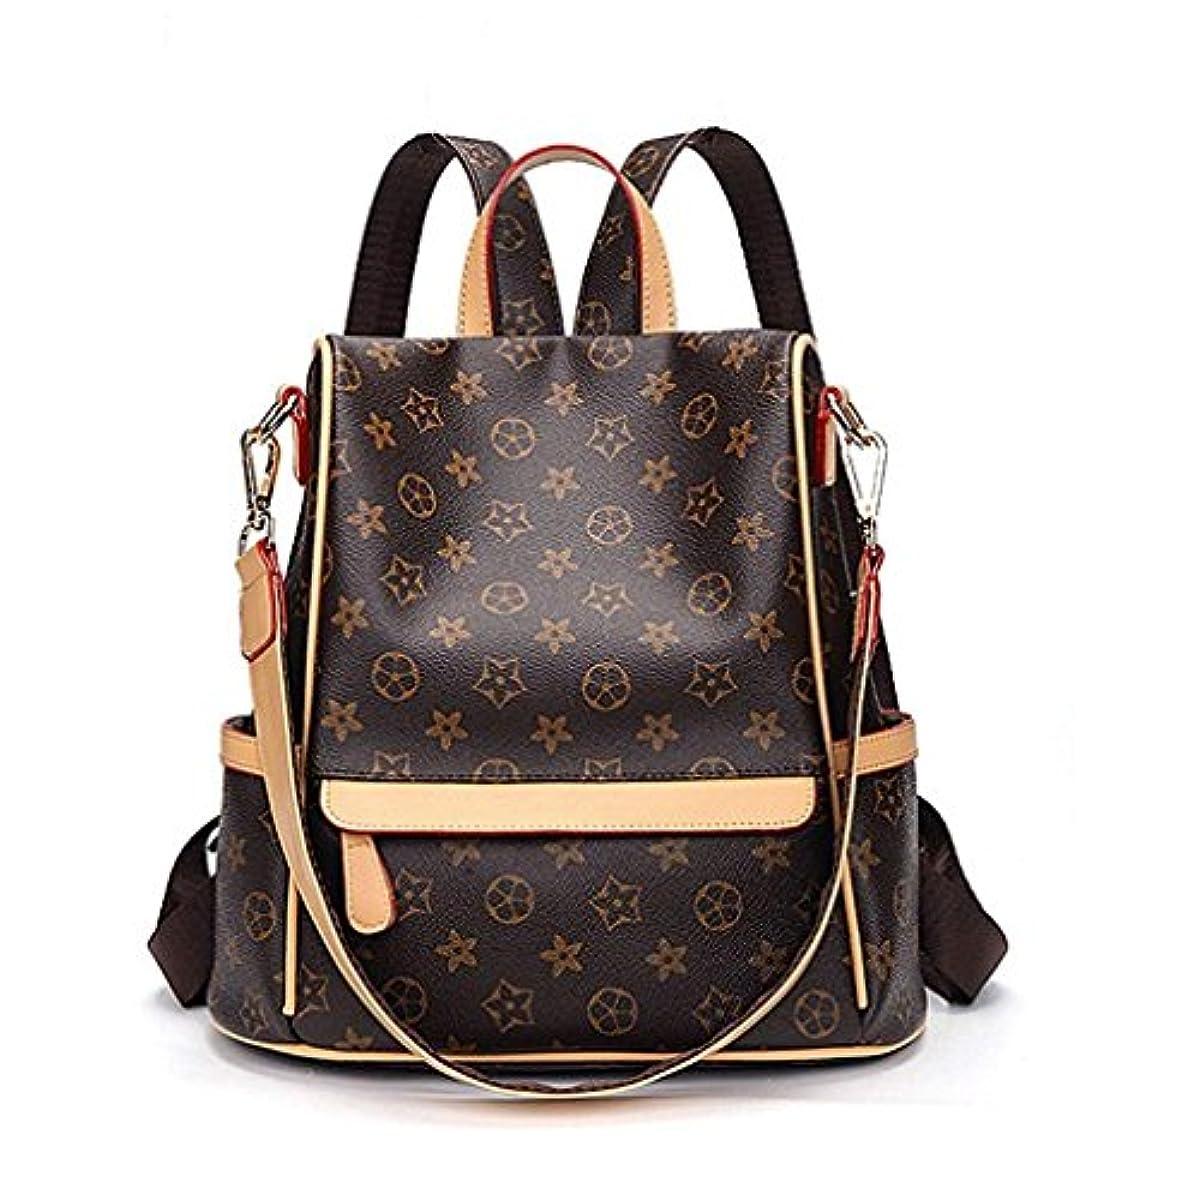 b7d1faf1f Olyphy Fashion Leather Backpack Purse for Women, Designer PU Shoulder Bag  Handba